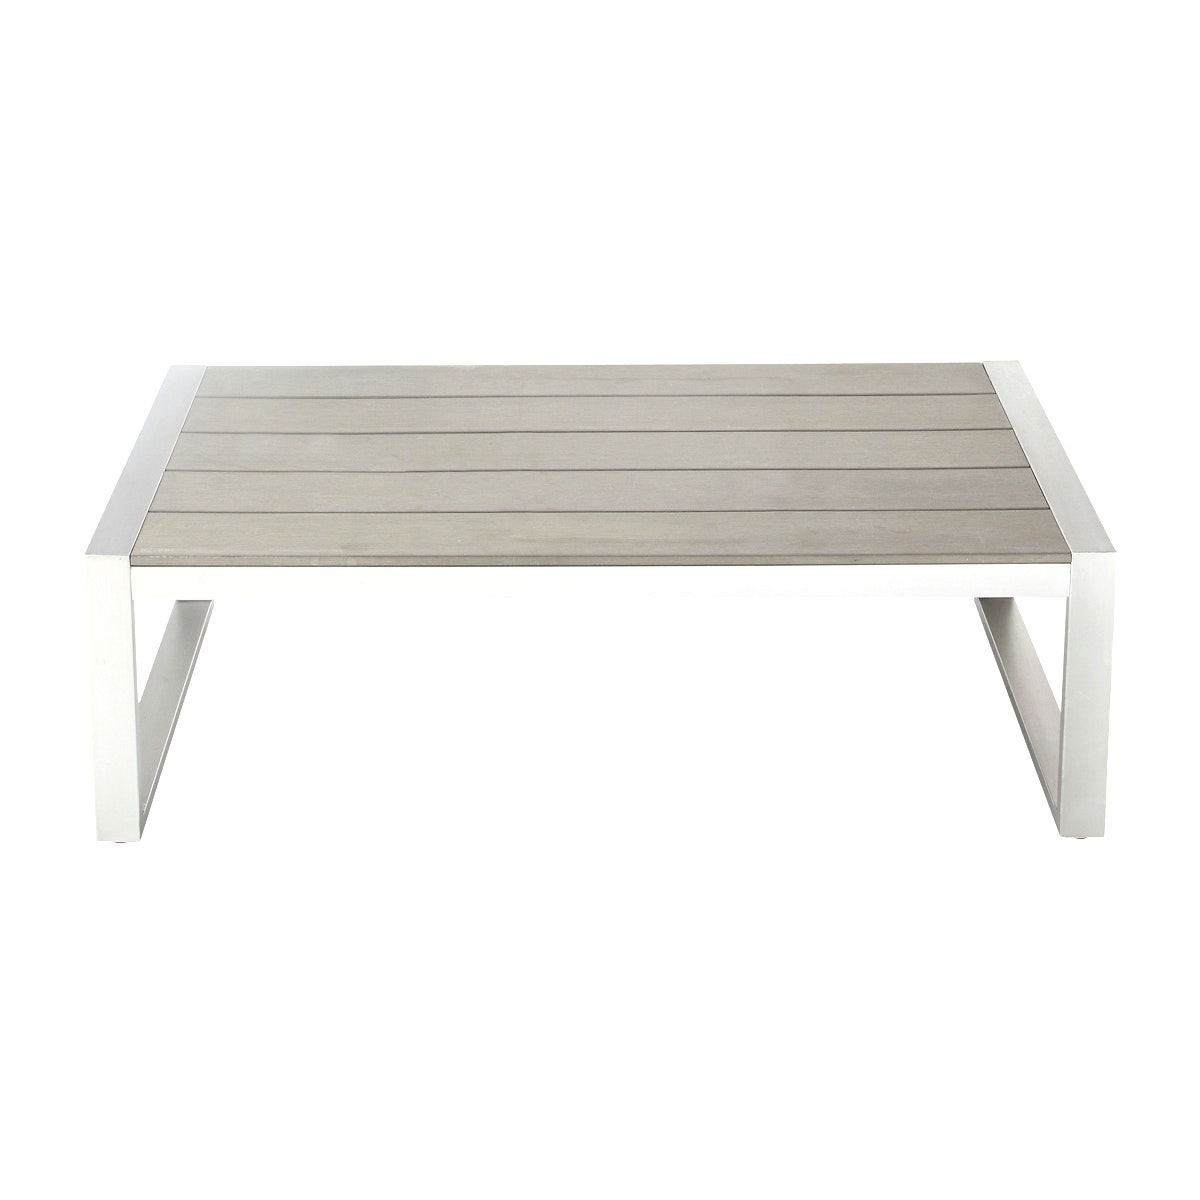 Salon De Dtente Extrieur Frais Dalle Balcon Ikea Avec ... pour Table Ronde Jardin Ikea